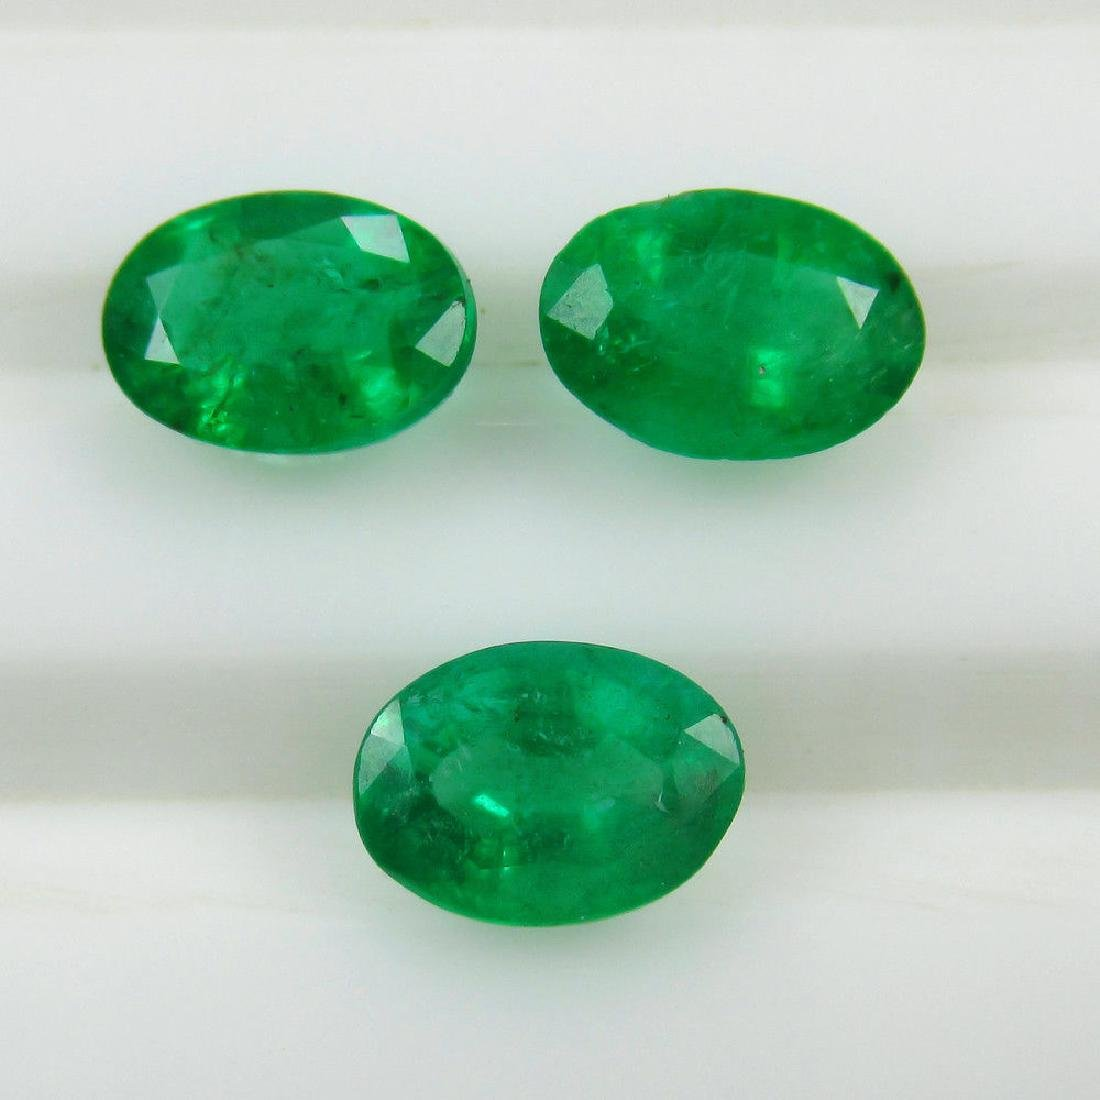 2.11 Ct Genuine Zambian Emerald 7X5 mm Matching Oval